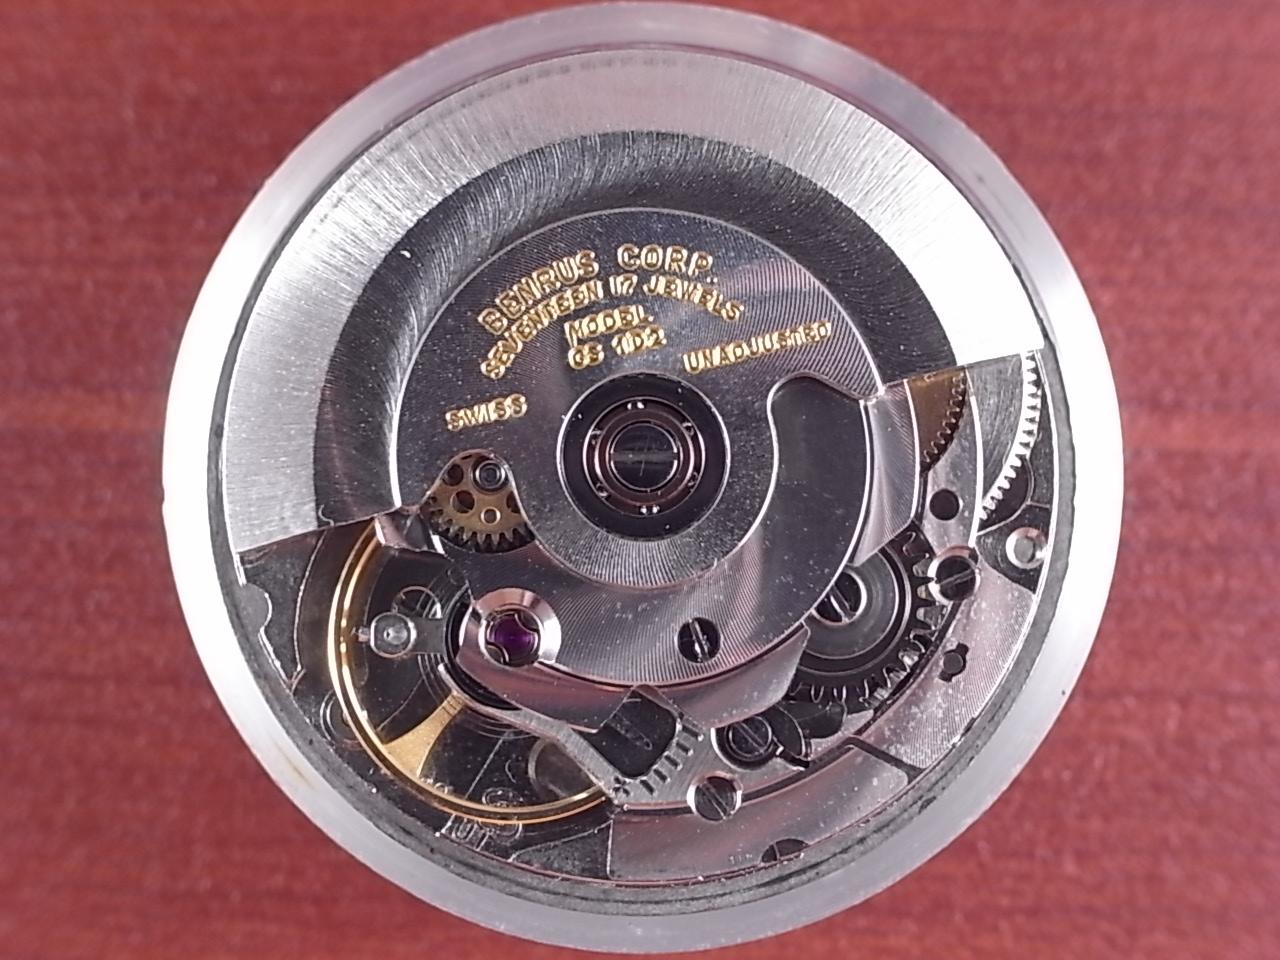 ベンラス ミリタリー 米軍特殊部隊 タイプⅡクラスA 未支給 1973年の写真5枚目